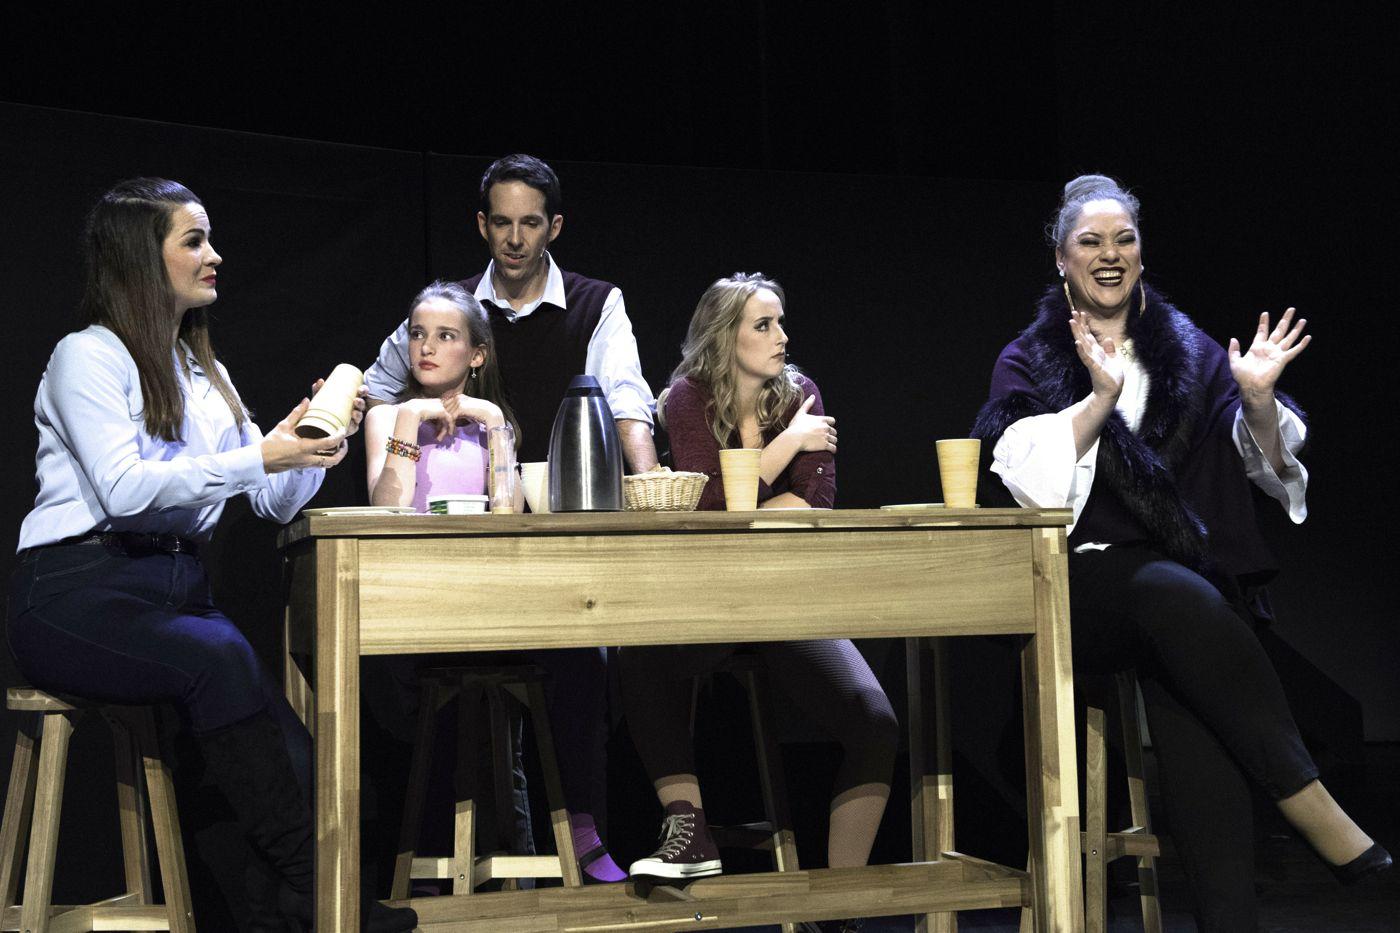 Der Beziehungsknatsch beginnt: Mutter Laura, Tochter Leonie, Vater Julian, Tochter Sara und Grossmutter Susanne beim Brunch.